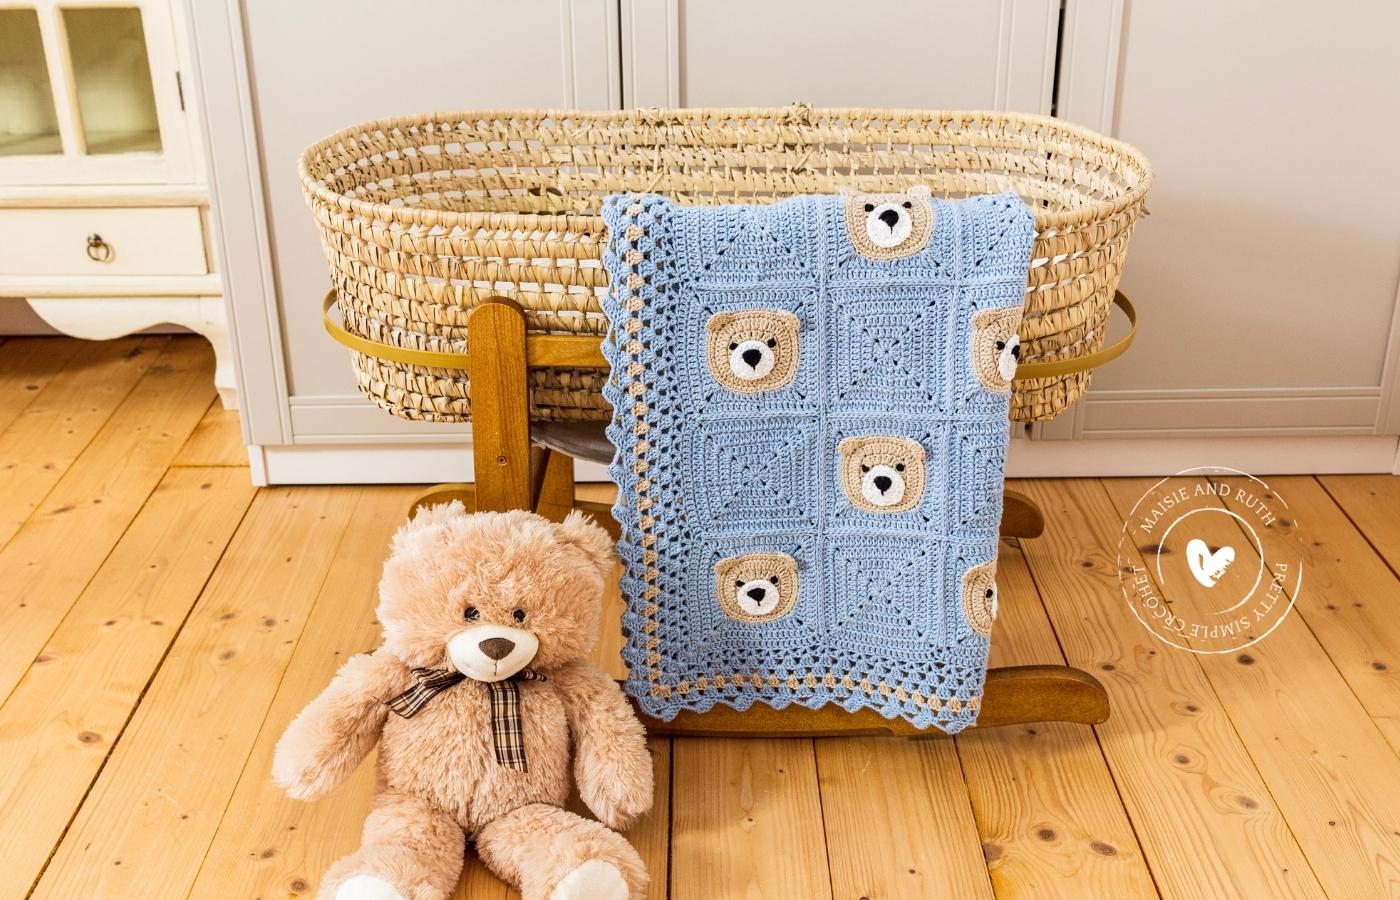 Bear Crochet Baby Blanket Teddy on floor beside bassinet